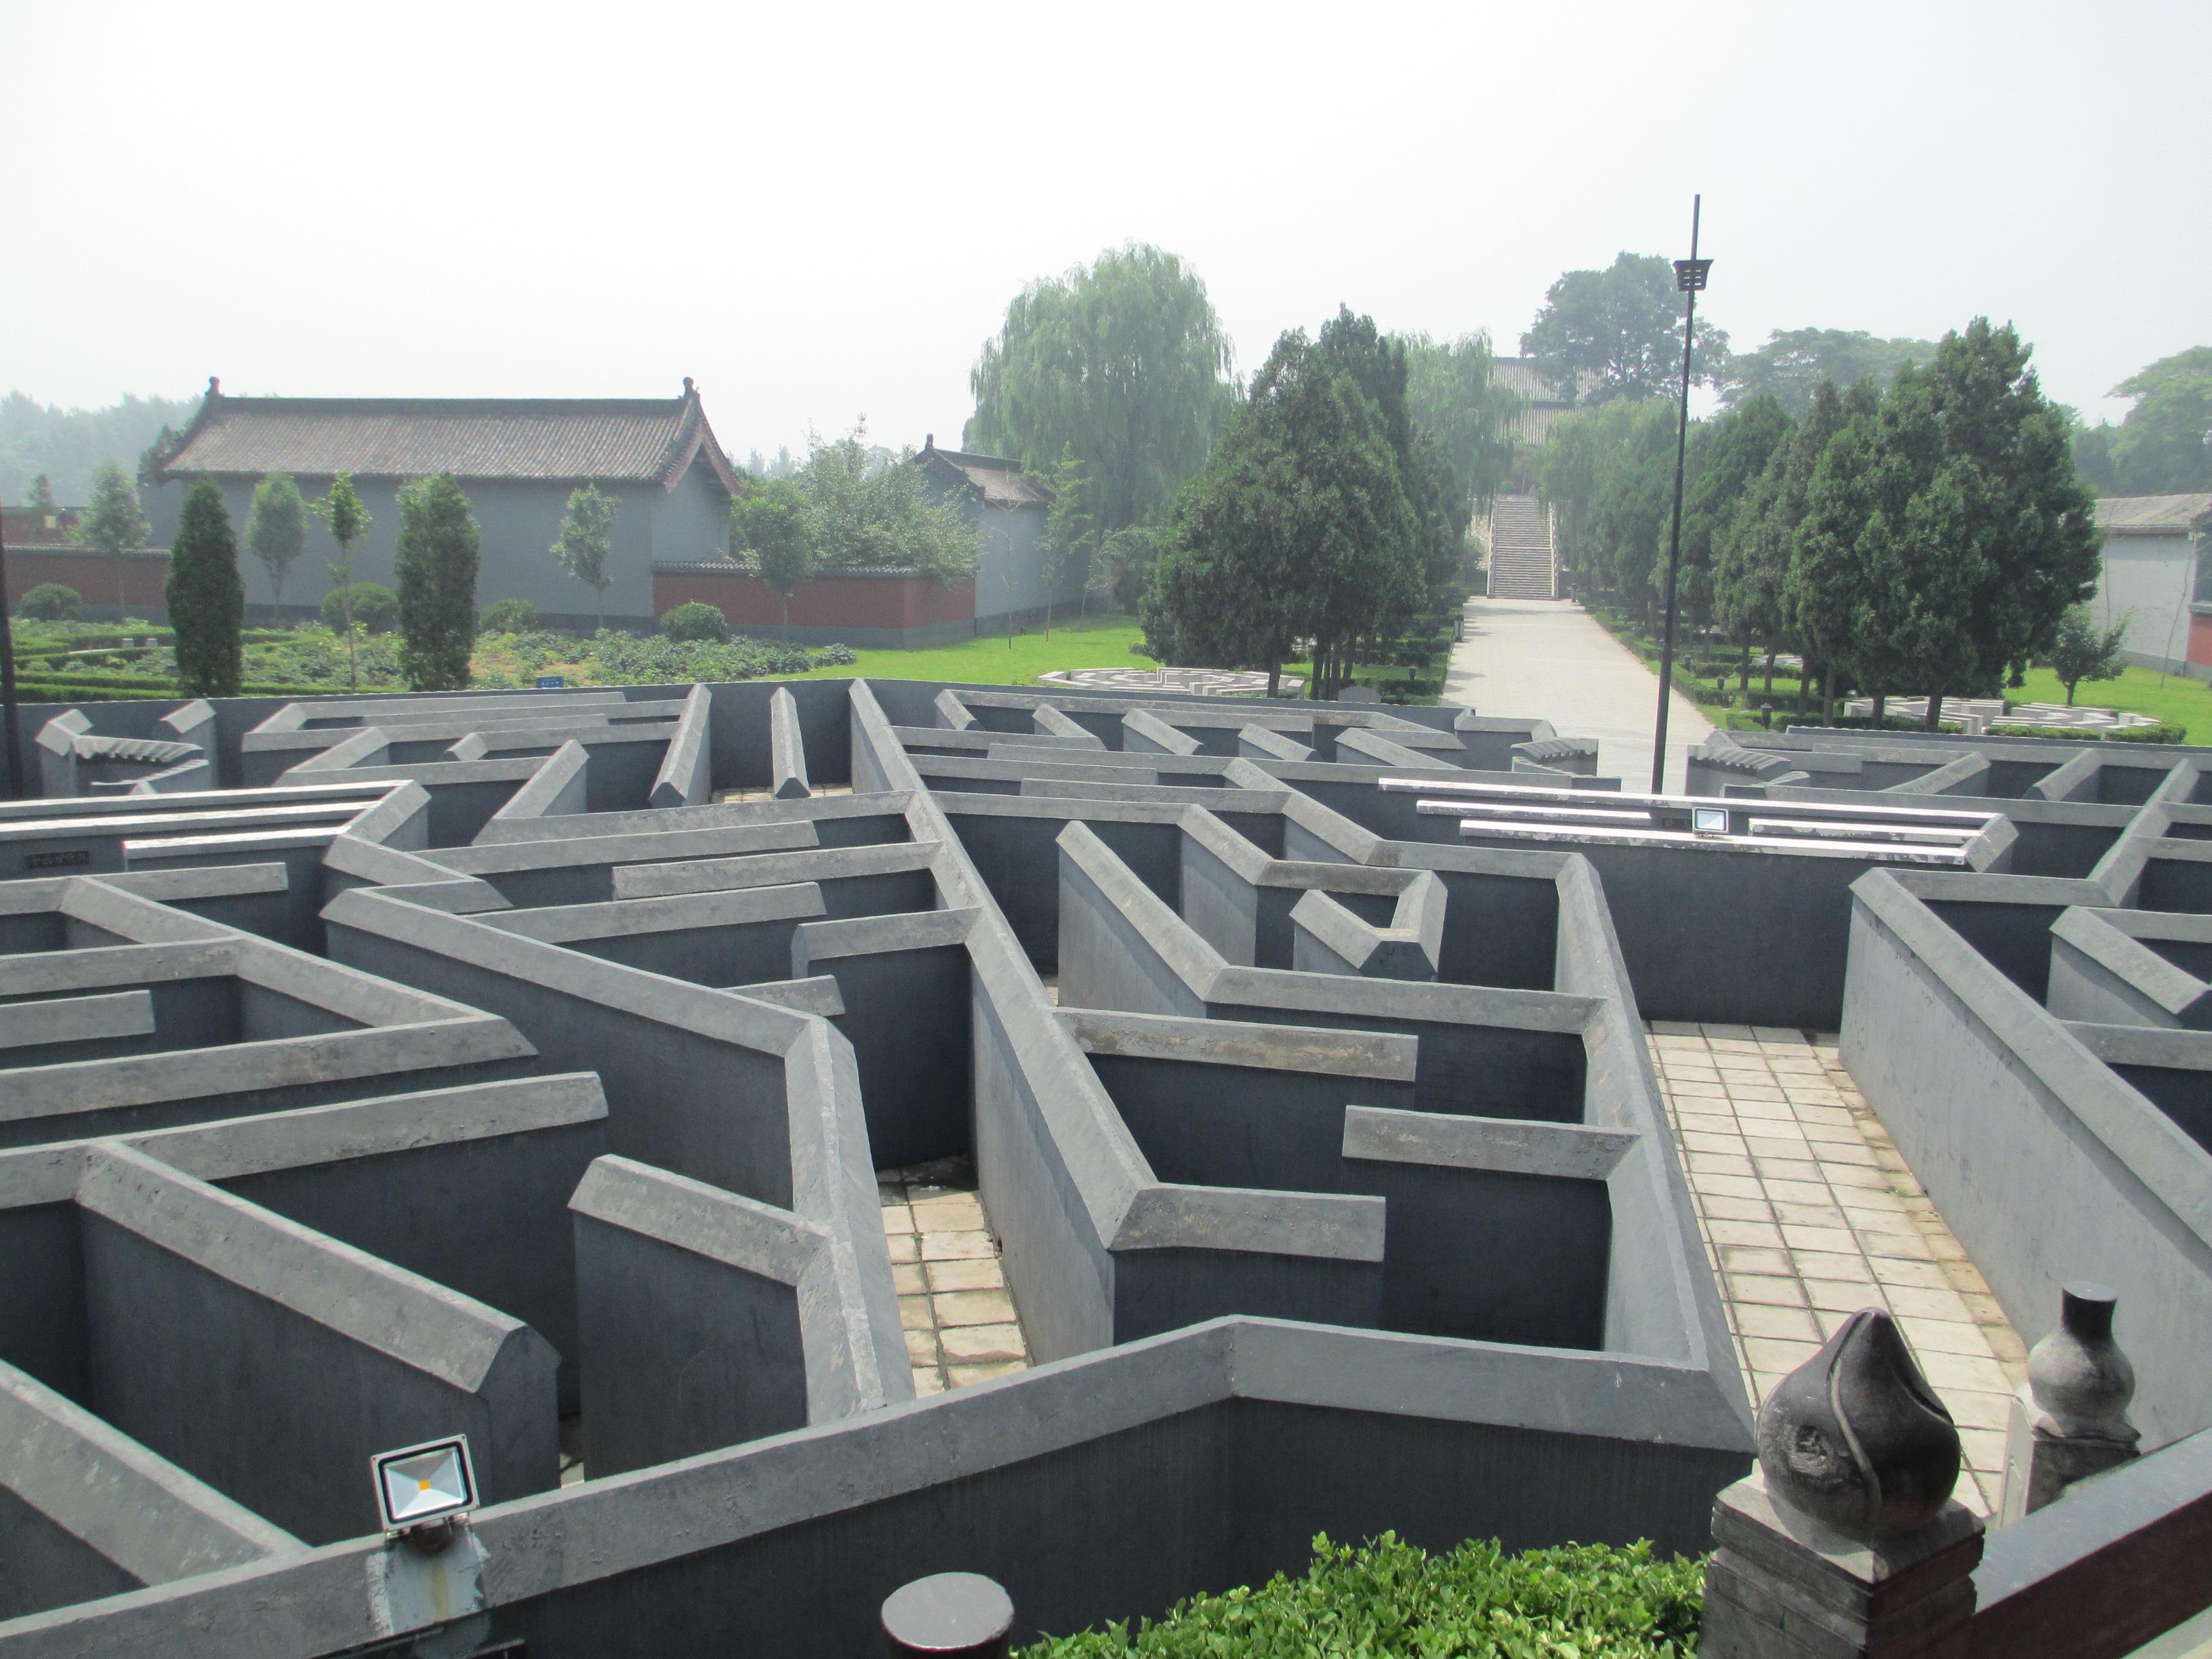 迷宫一般的八卦阵图片